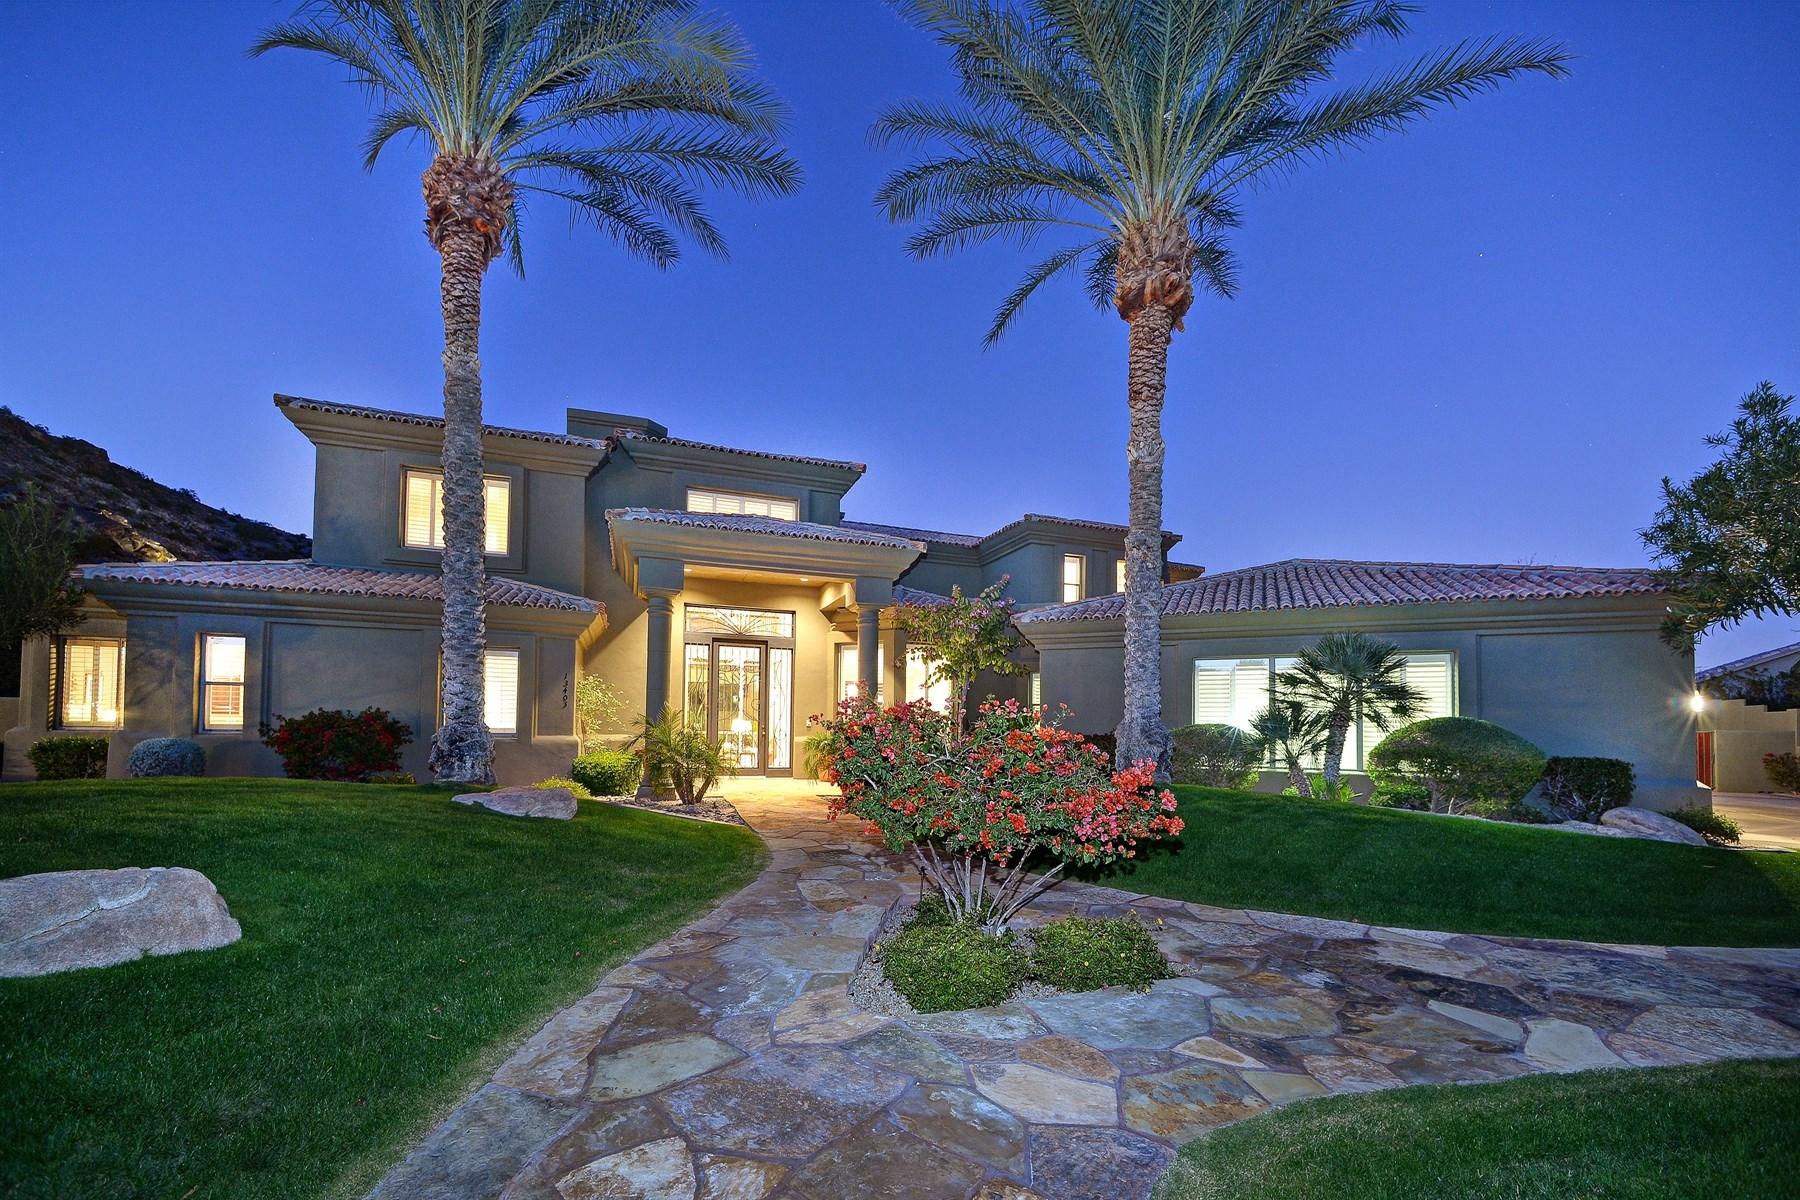 Maison unifamiliale pour l Vente à Convenience And Luxurious Living With Exceptional Mountain Views And Privacy 13403 S 33rd Court Phoenix, Arizona 85044 États-Unis